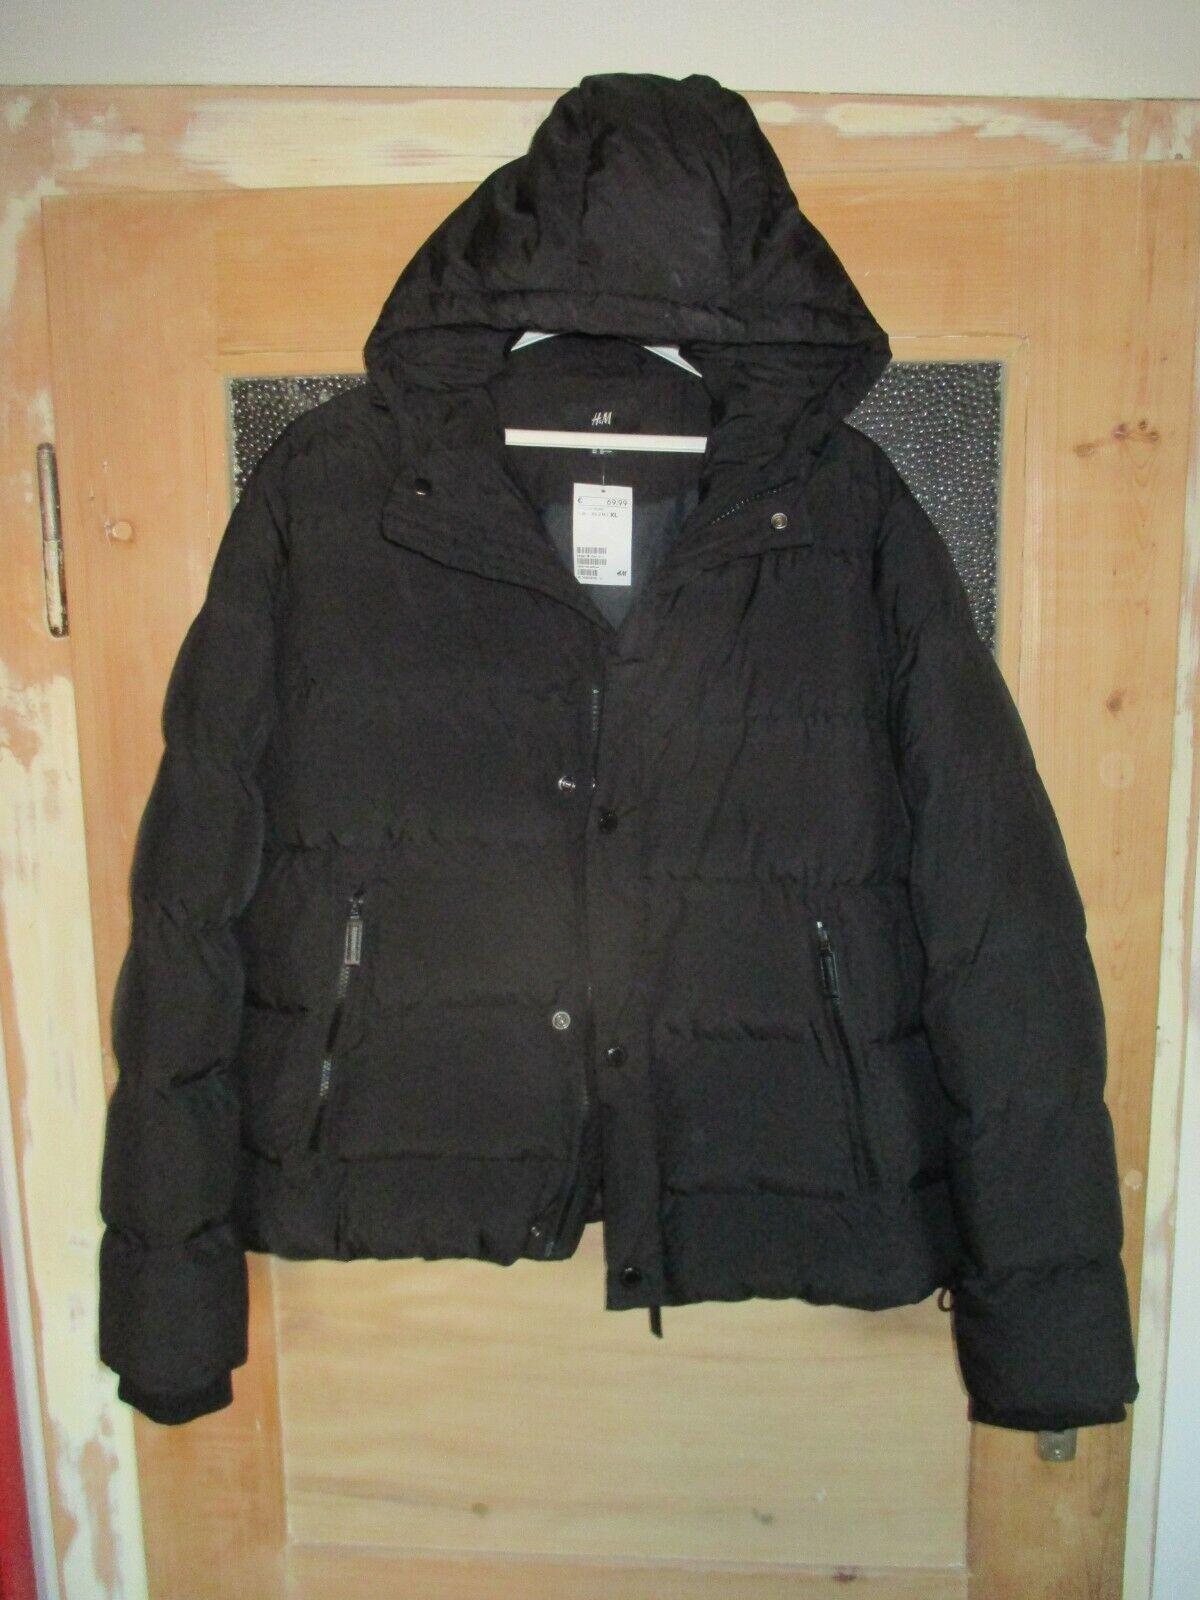 ! novedad! h&m señores chaqueta invierno negro talla XL chaqueta con capucha! nuevo!